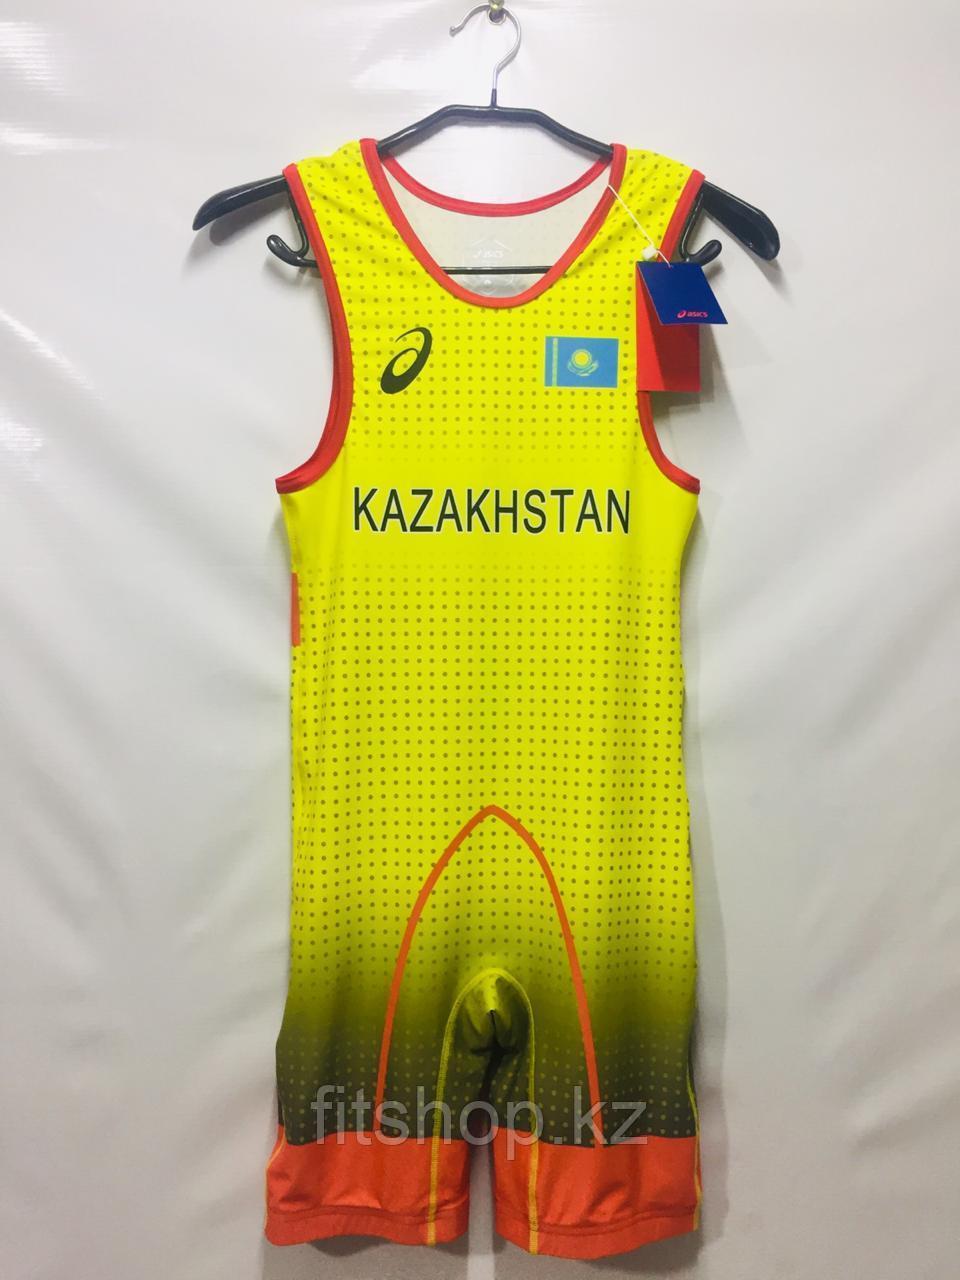 Трико борцовское для вольной и греко-римской борьбы, тяжело атлетическое Asics Казахстан